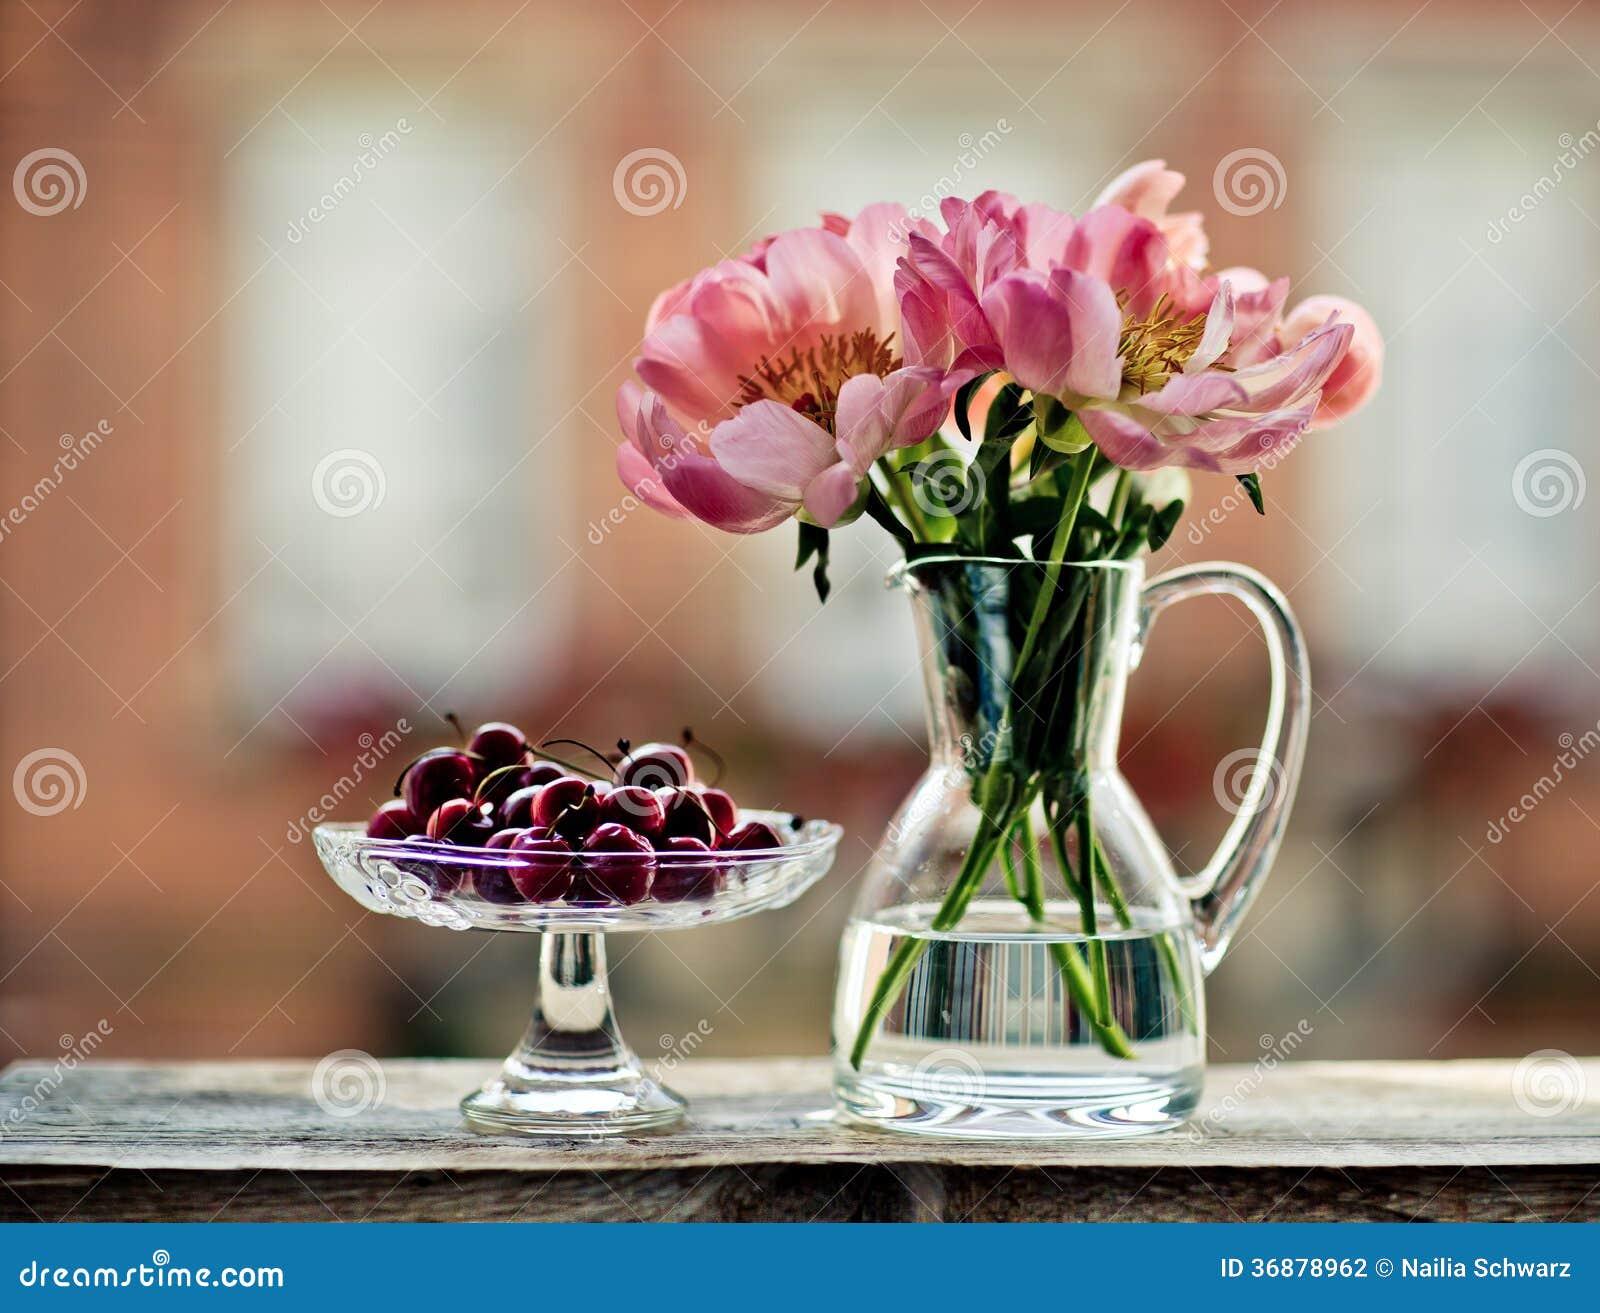 Download Ciliege e tulipani fotografia stock. Immagine di pastello - 36878962